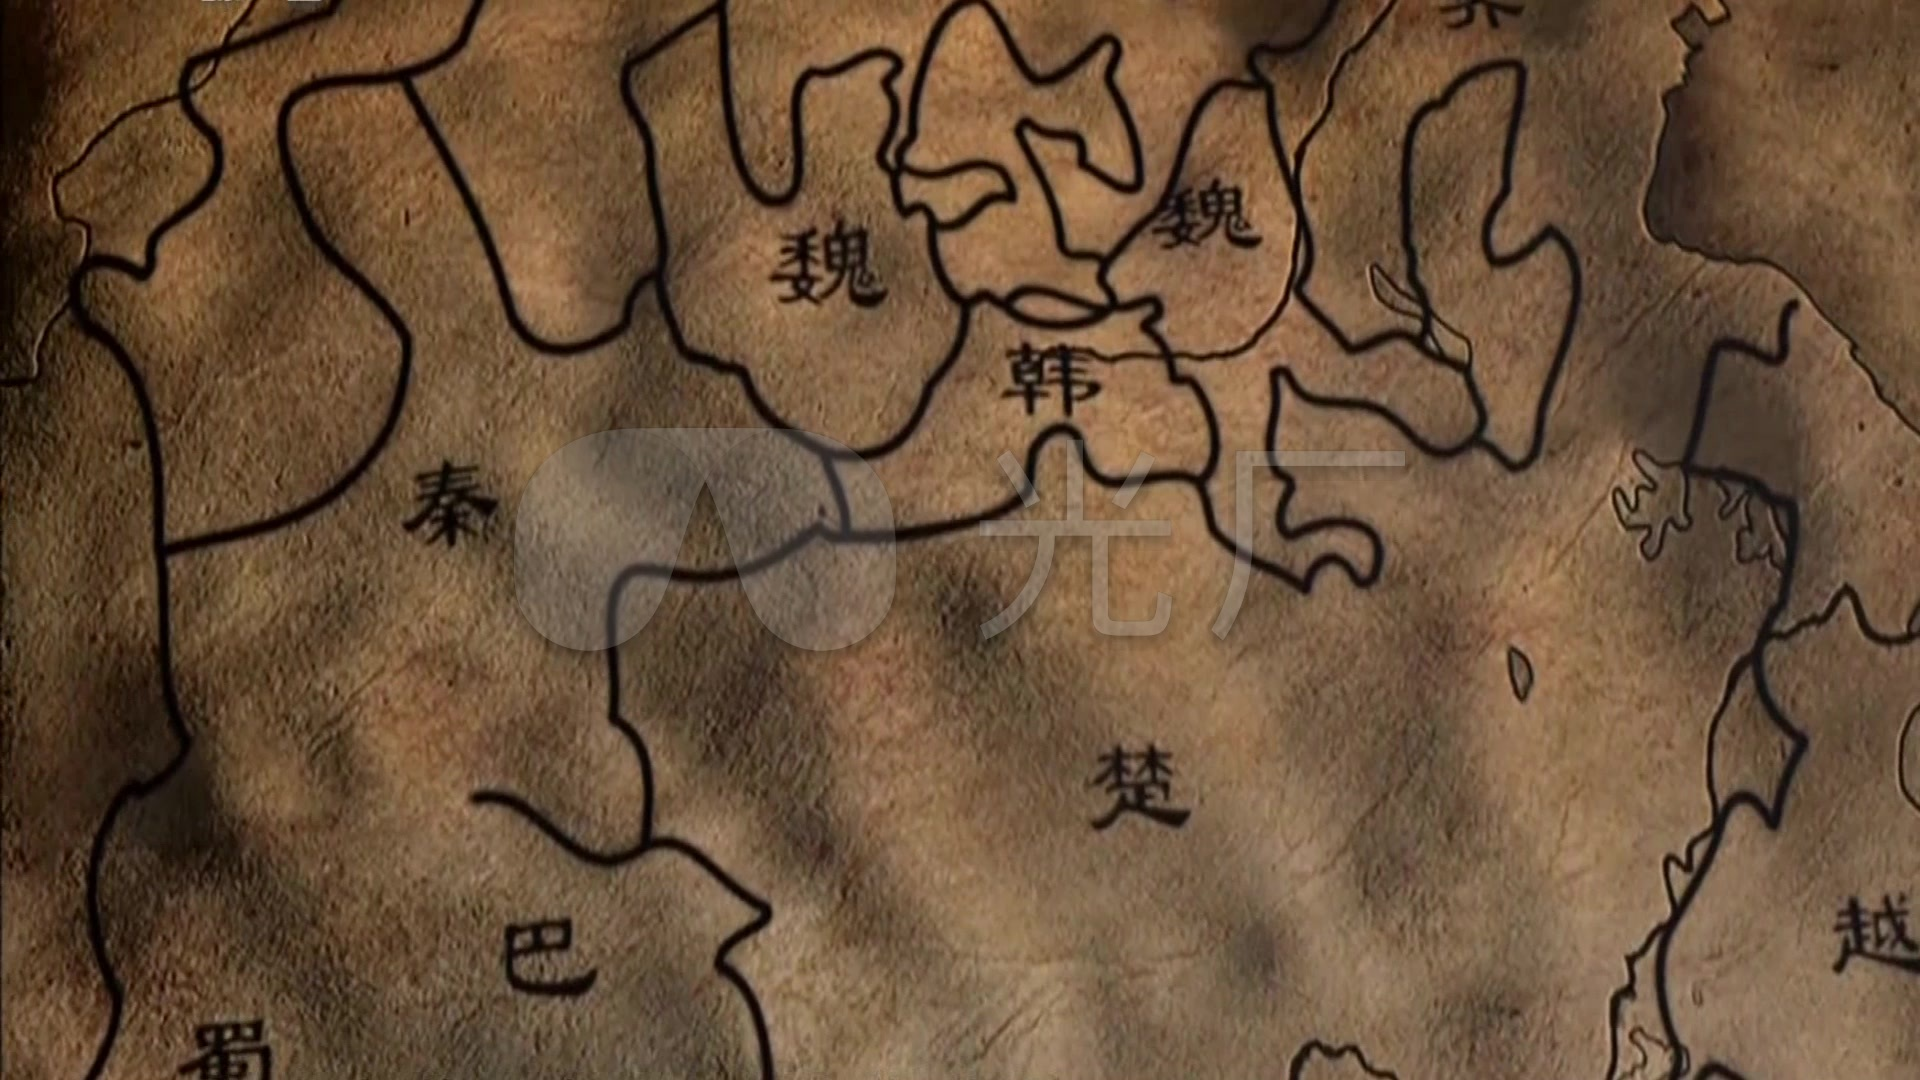 春秋时期周地图演变战国七雄对立版图古代地_